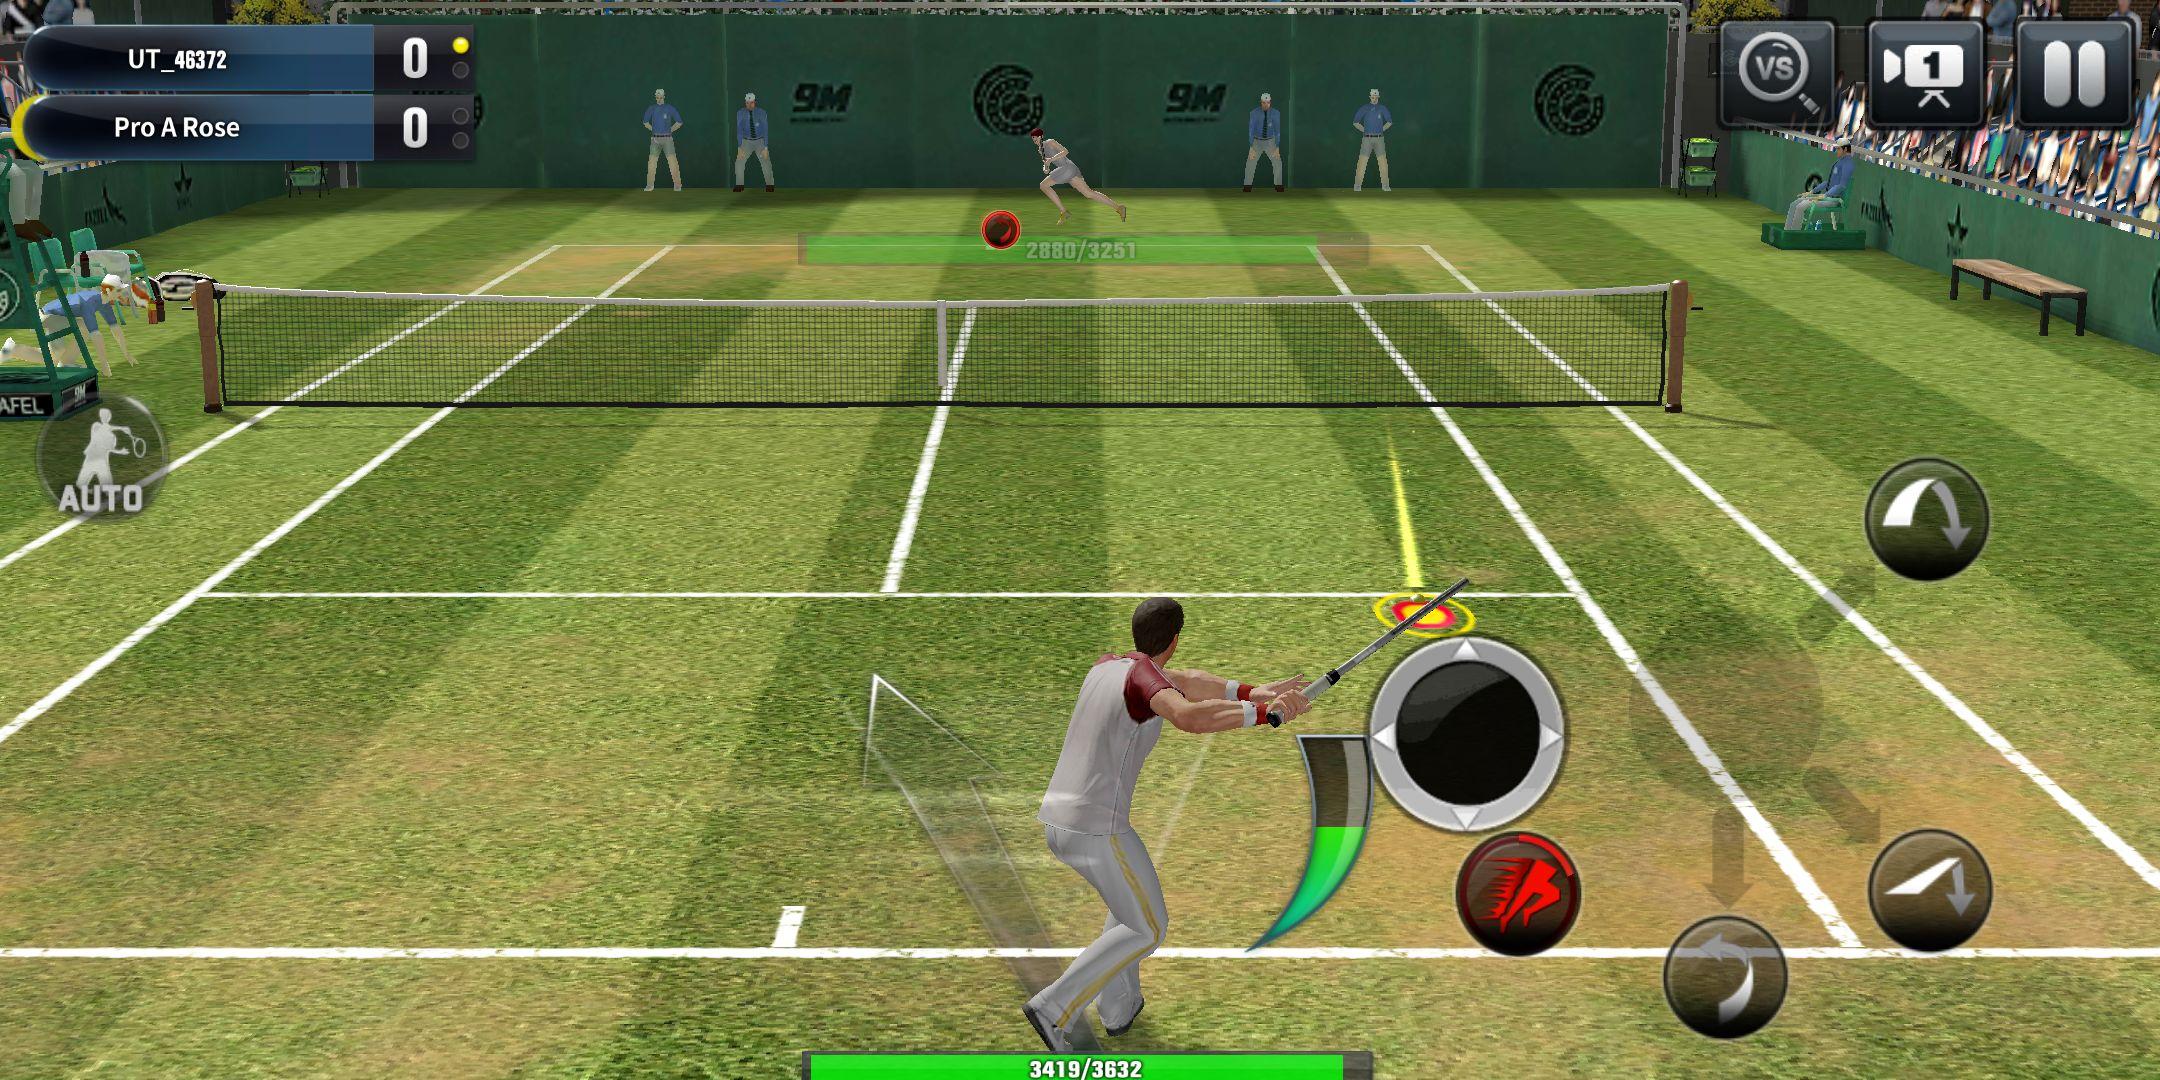 终极网球 游戏截图4